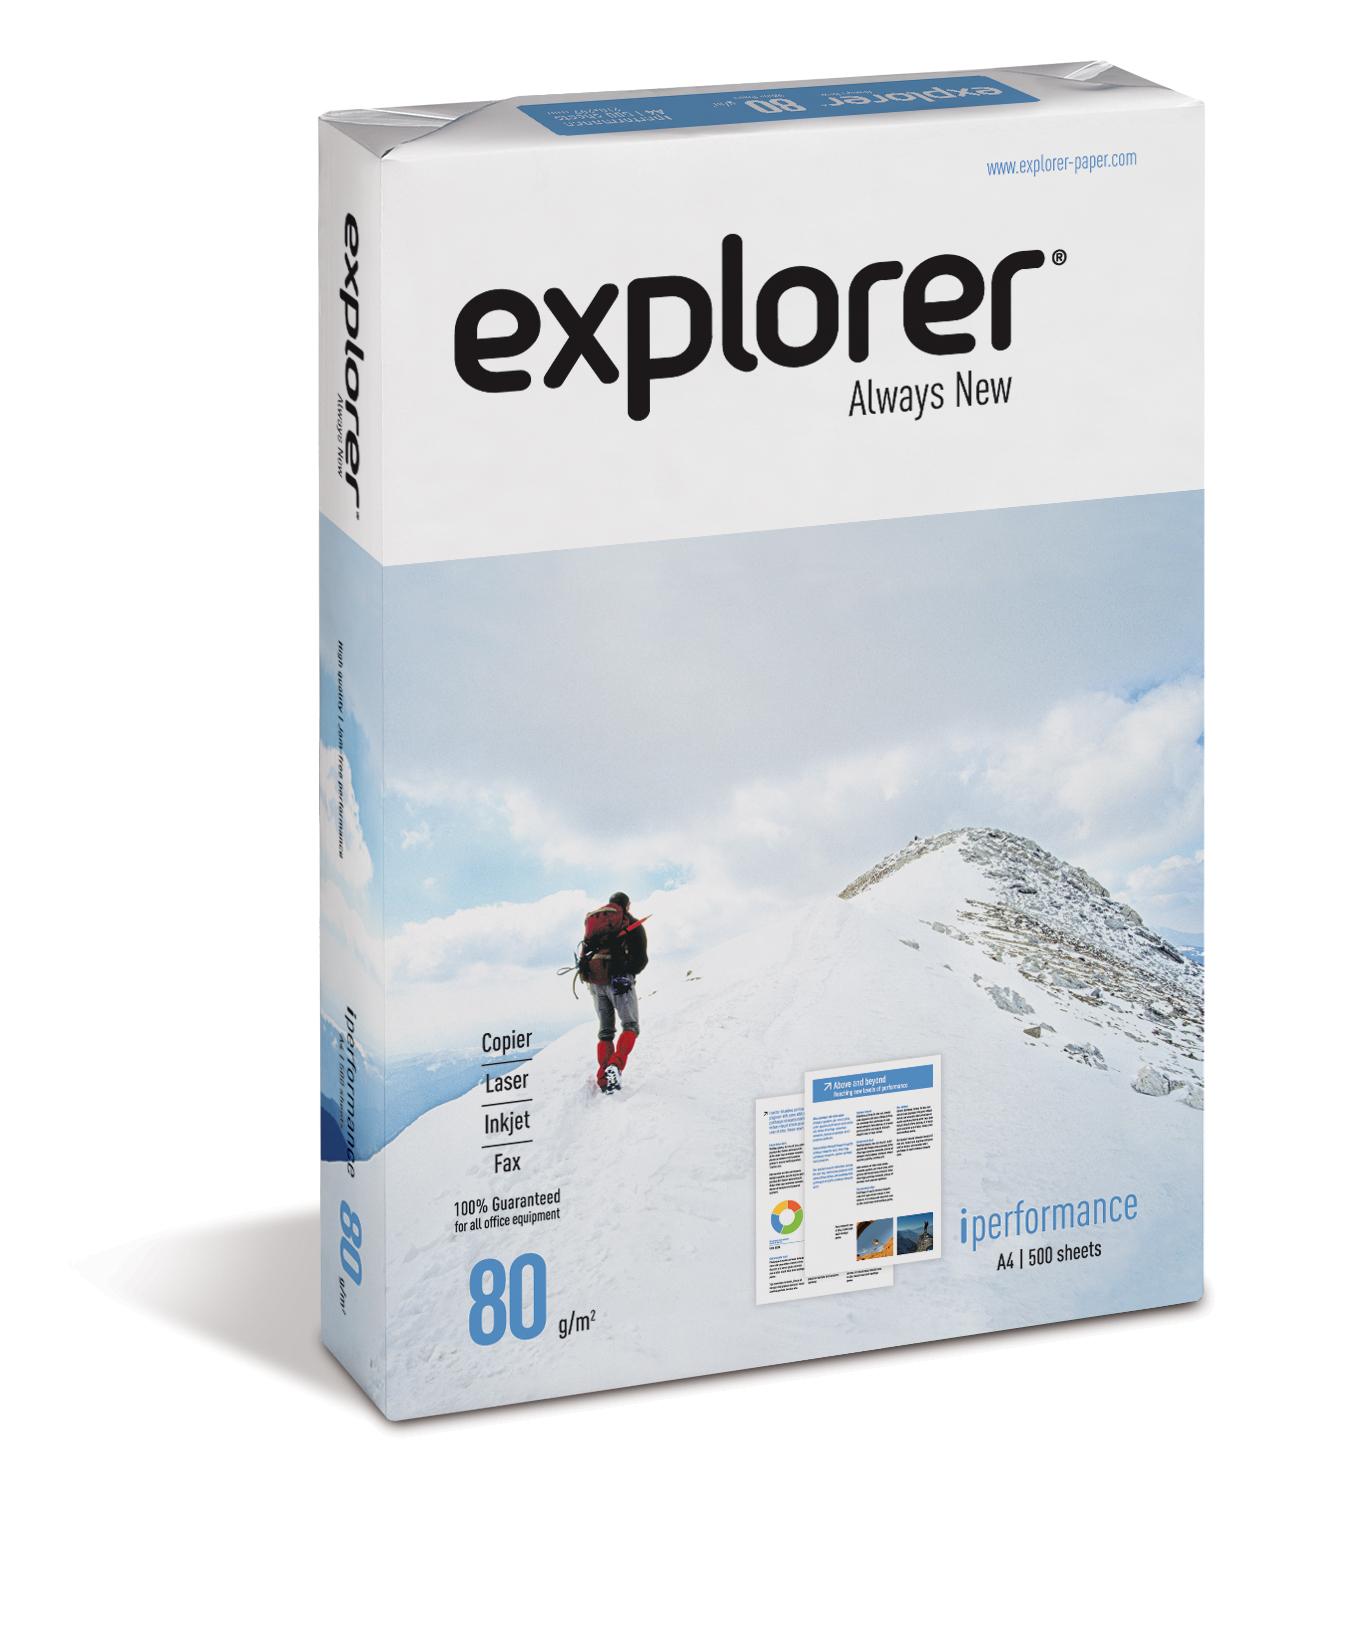 Explorer Always New 80g/m² Papier DIN-A4 - 500 Blatt weiß